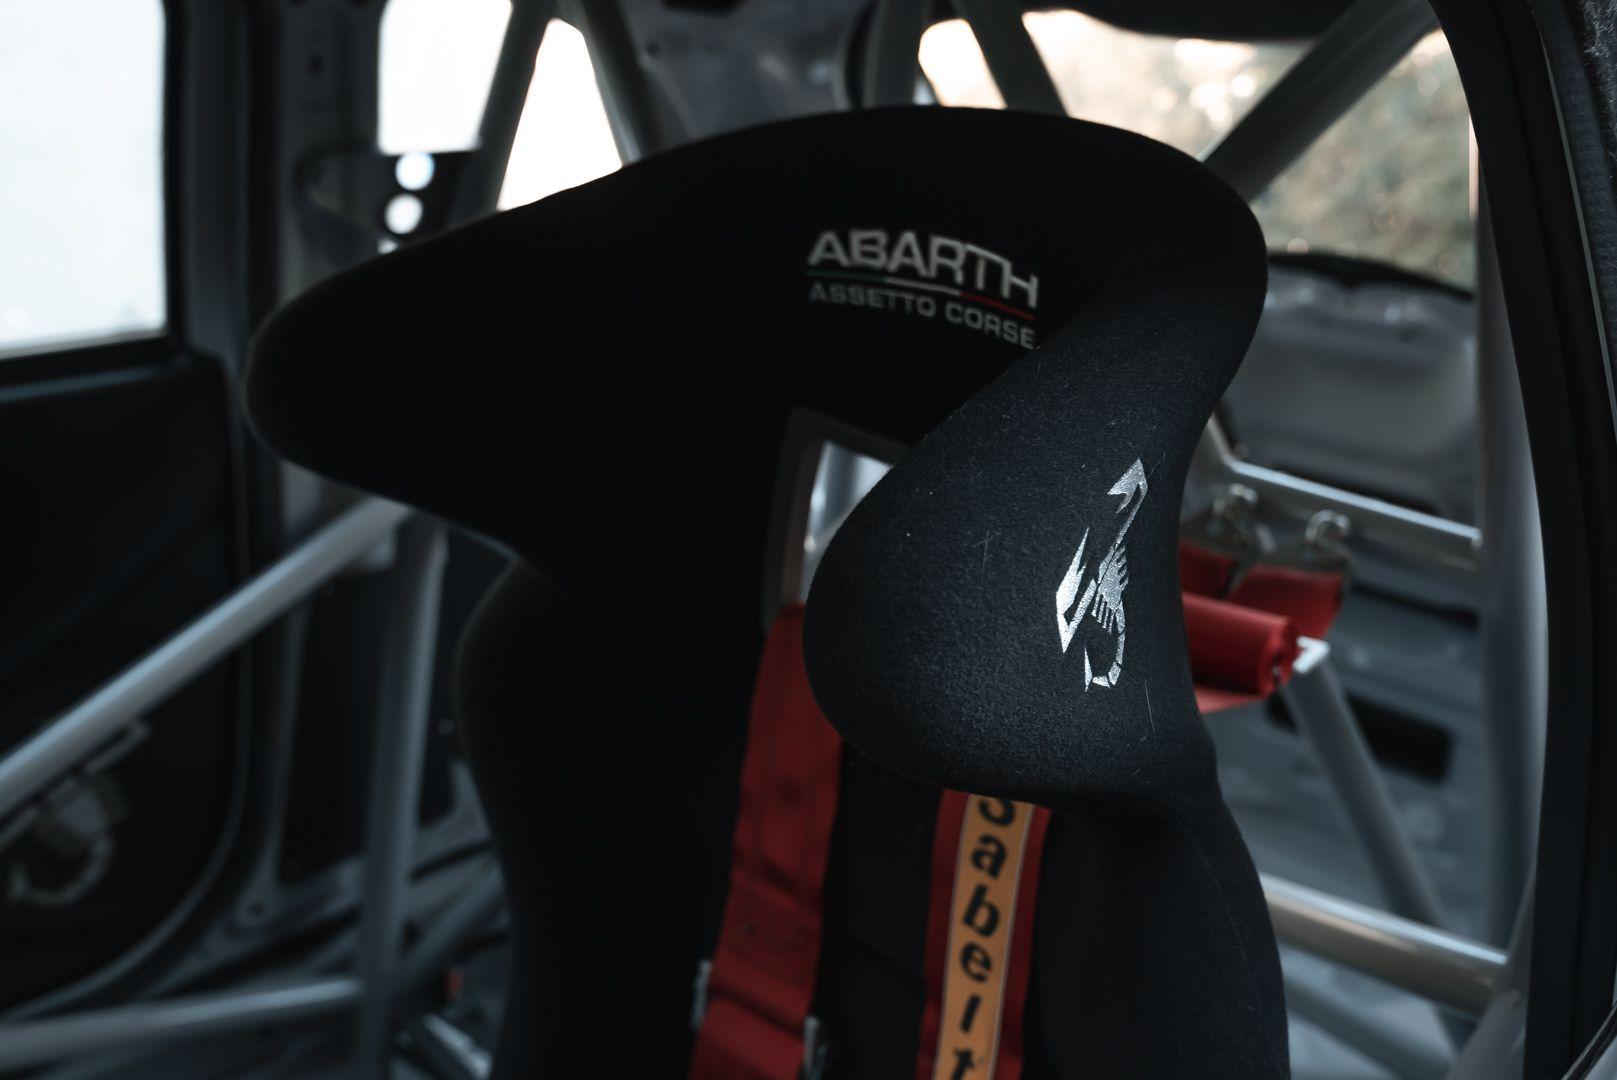 2008 Fiat 500 Abarth Assetto Corse 49/49 79339